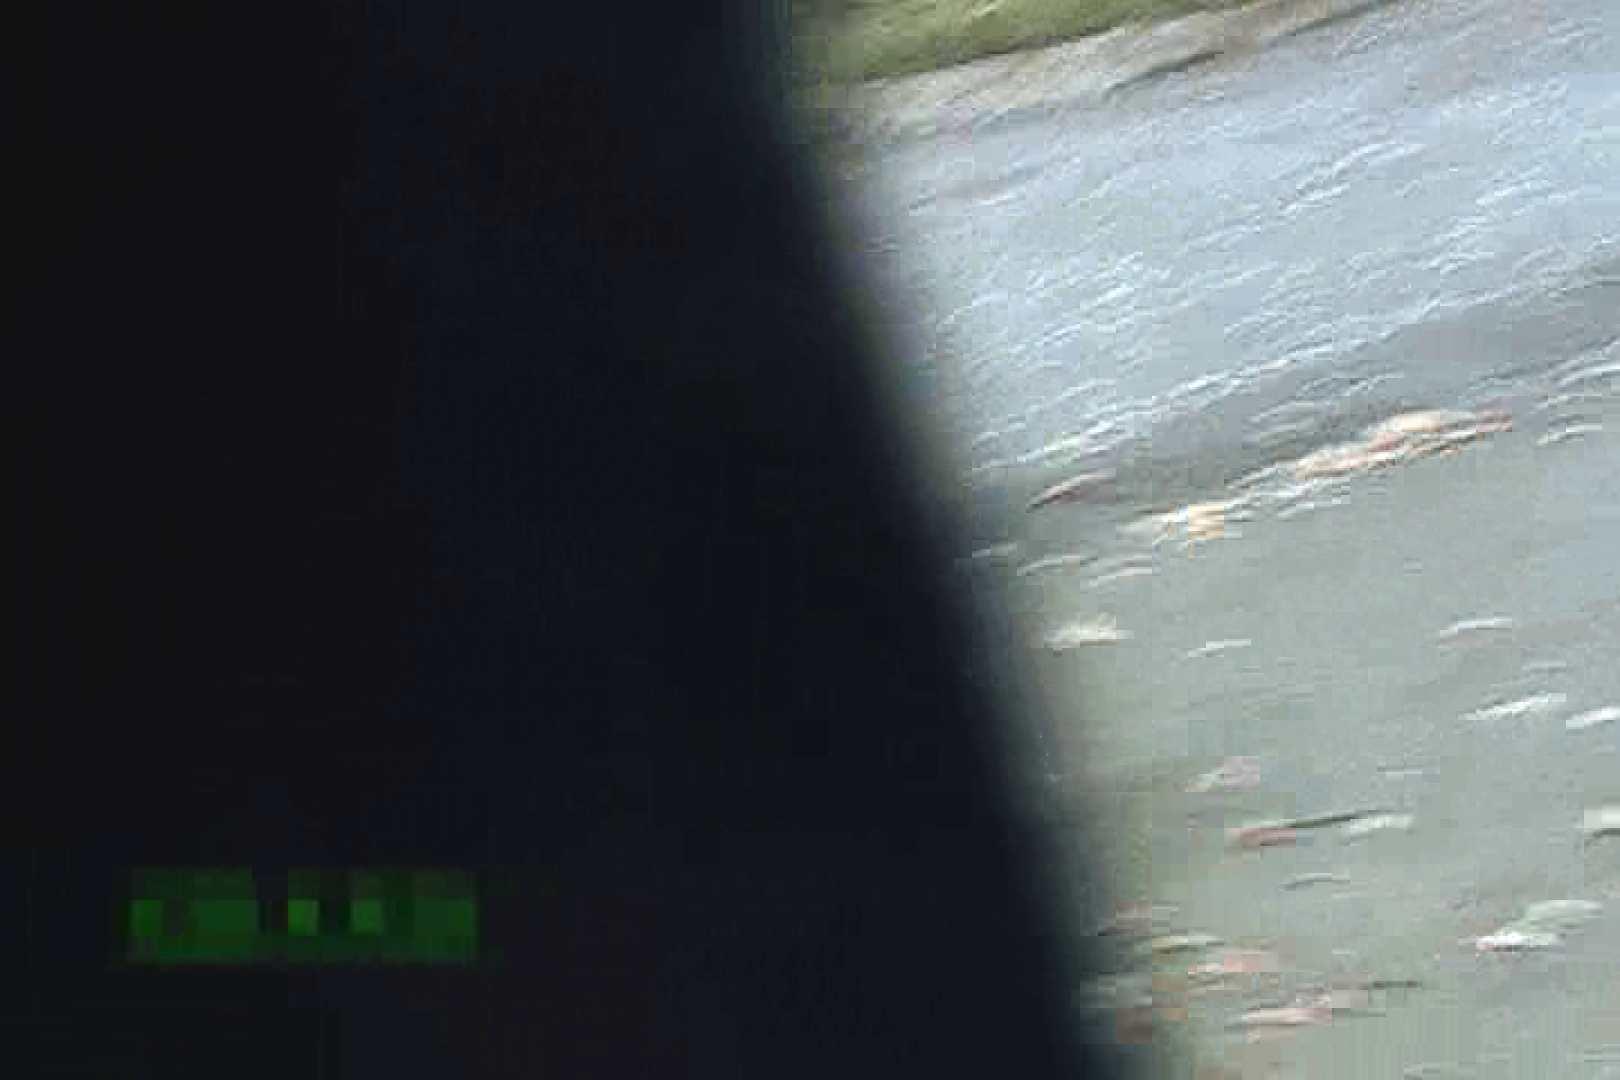 徘徊撮り!!街で出会った乳首たちVol.3 乳首   OLエロ画像  29PICs 9